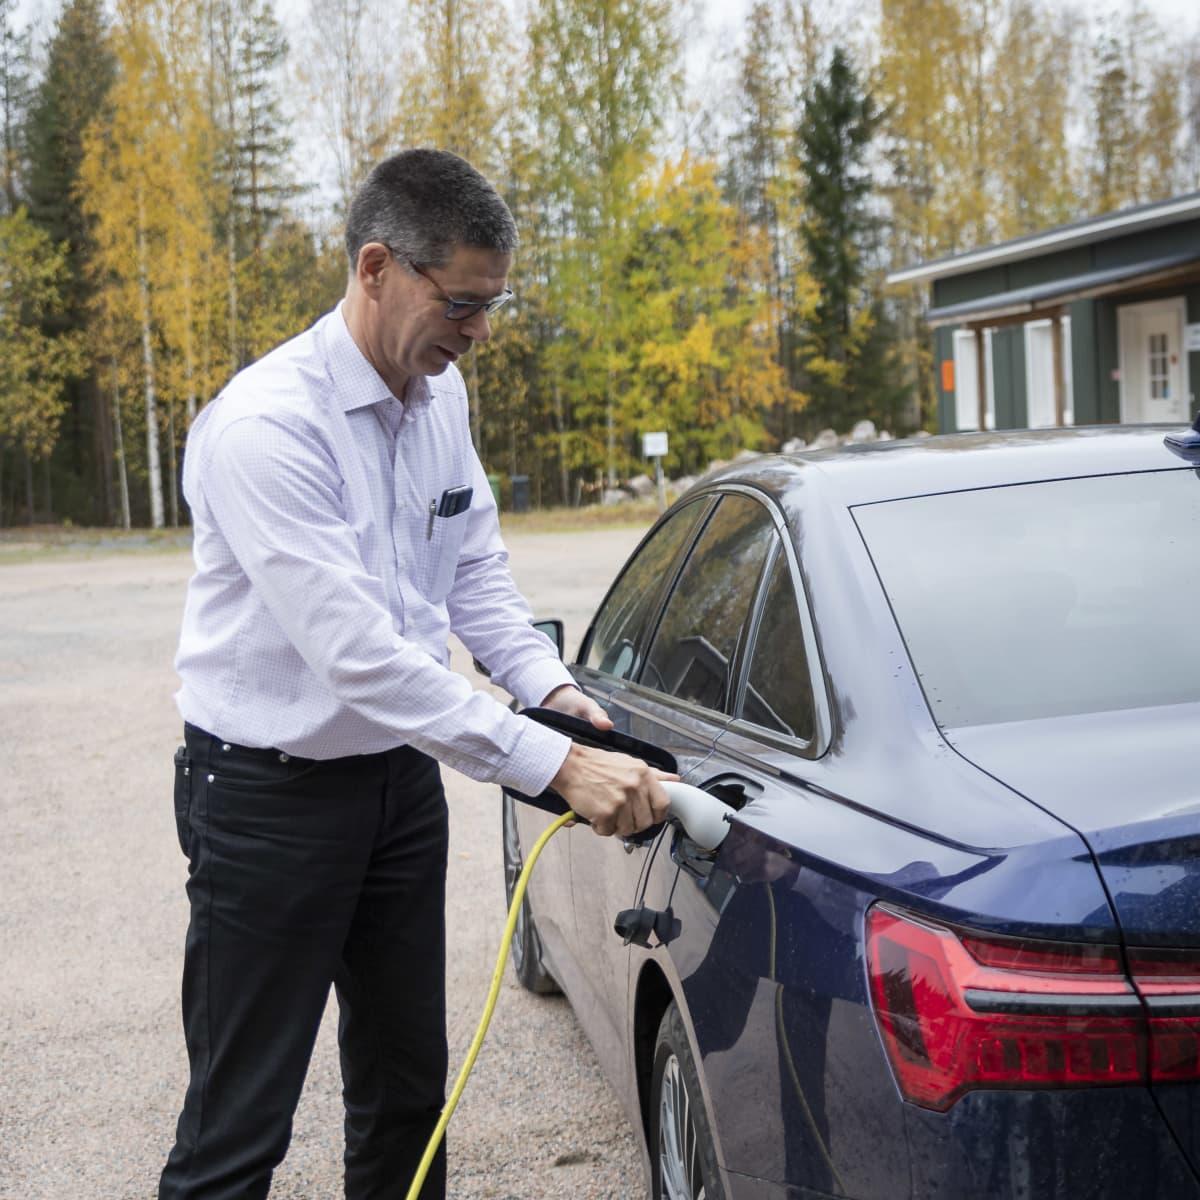 Hannu hautala laittaa latauspistokkeen sähköautoonsa.